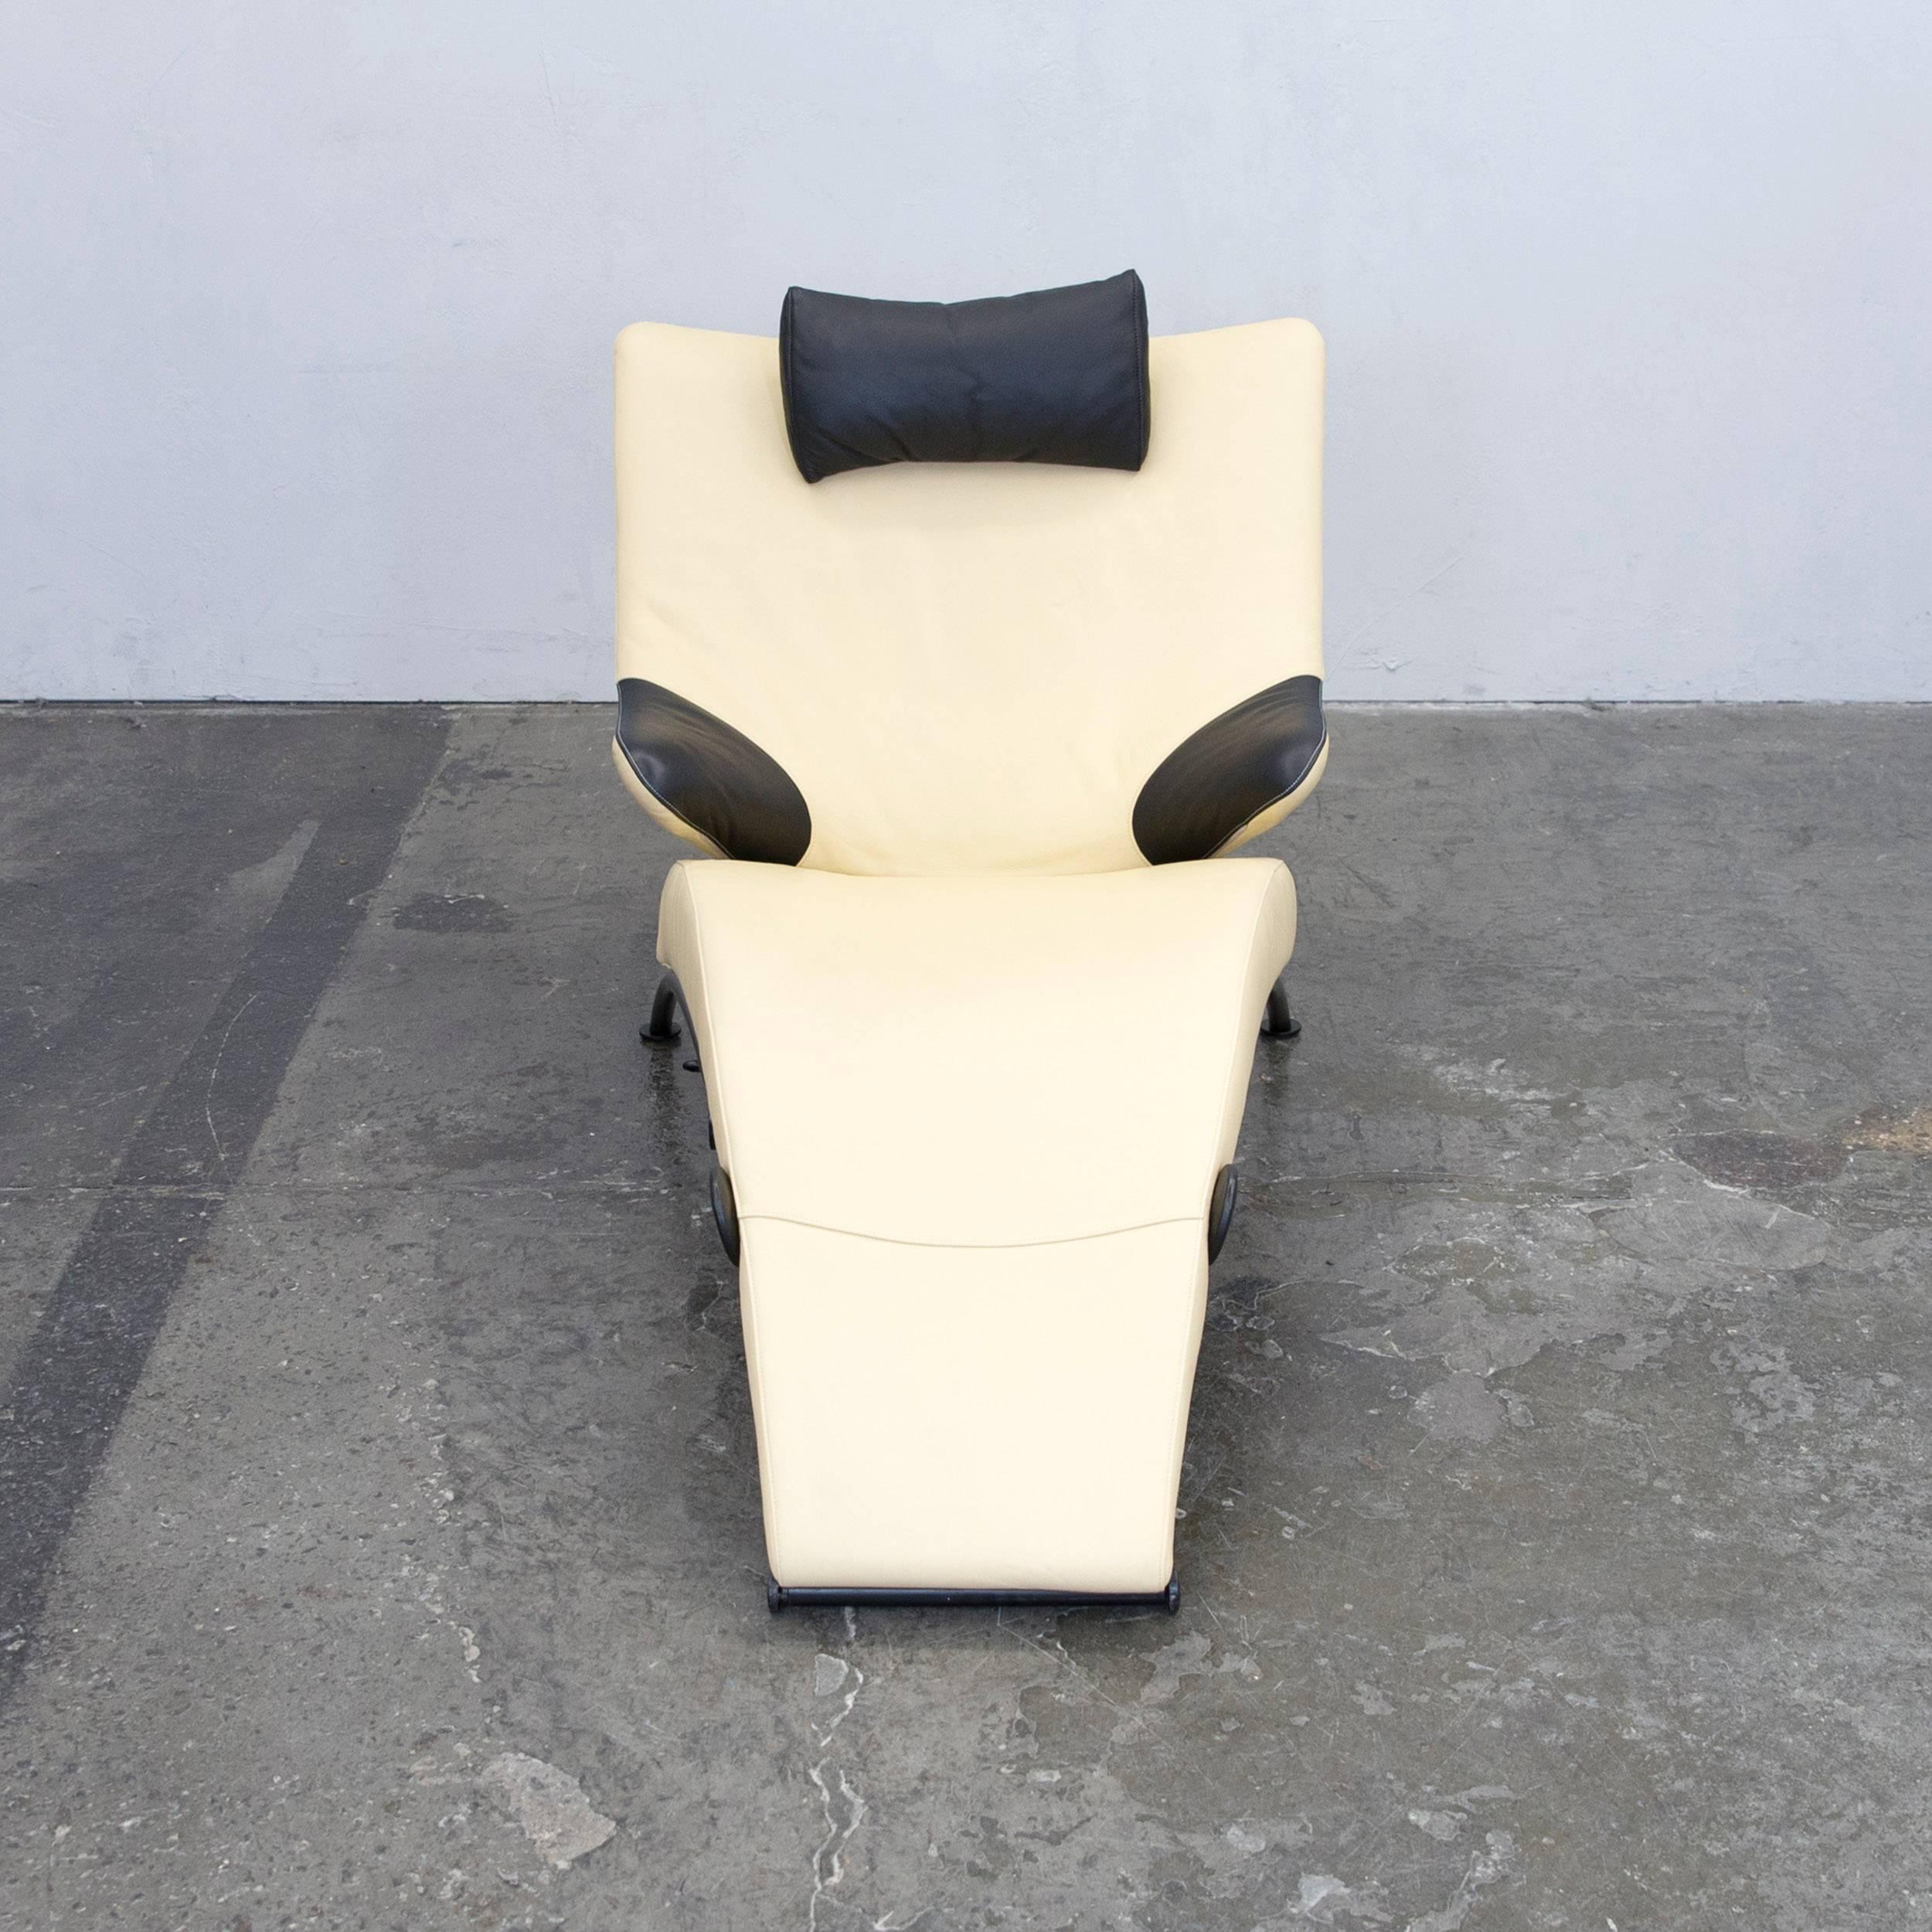 Designer Wohnen wk wohnen 699 designer chair leather crème black function